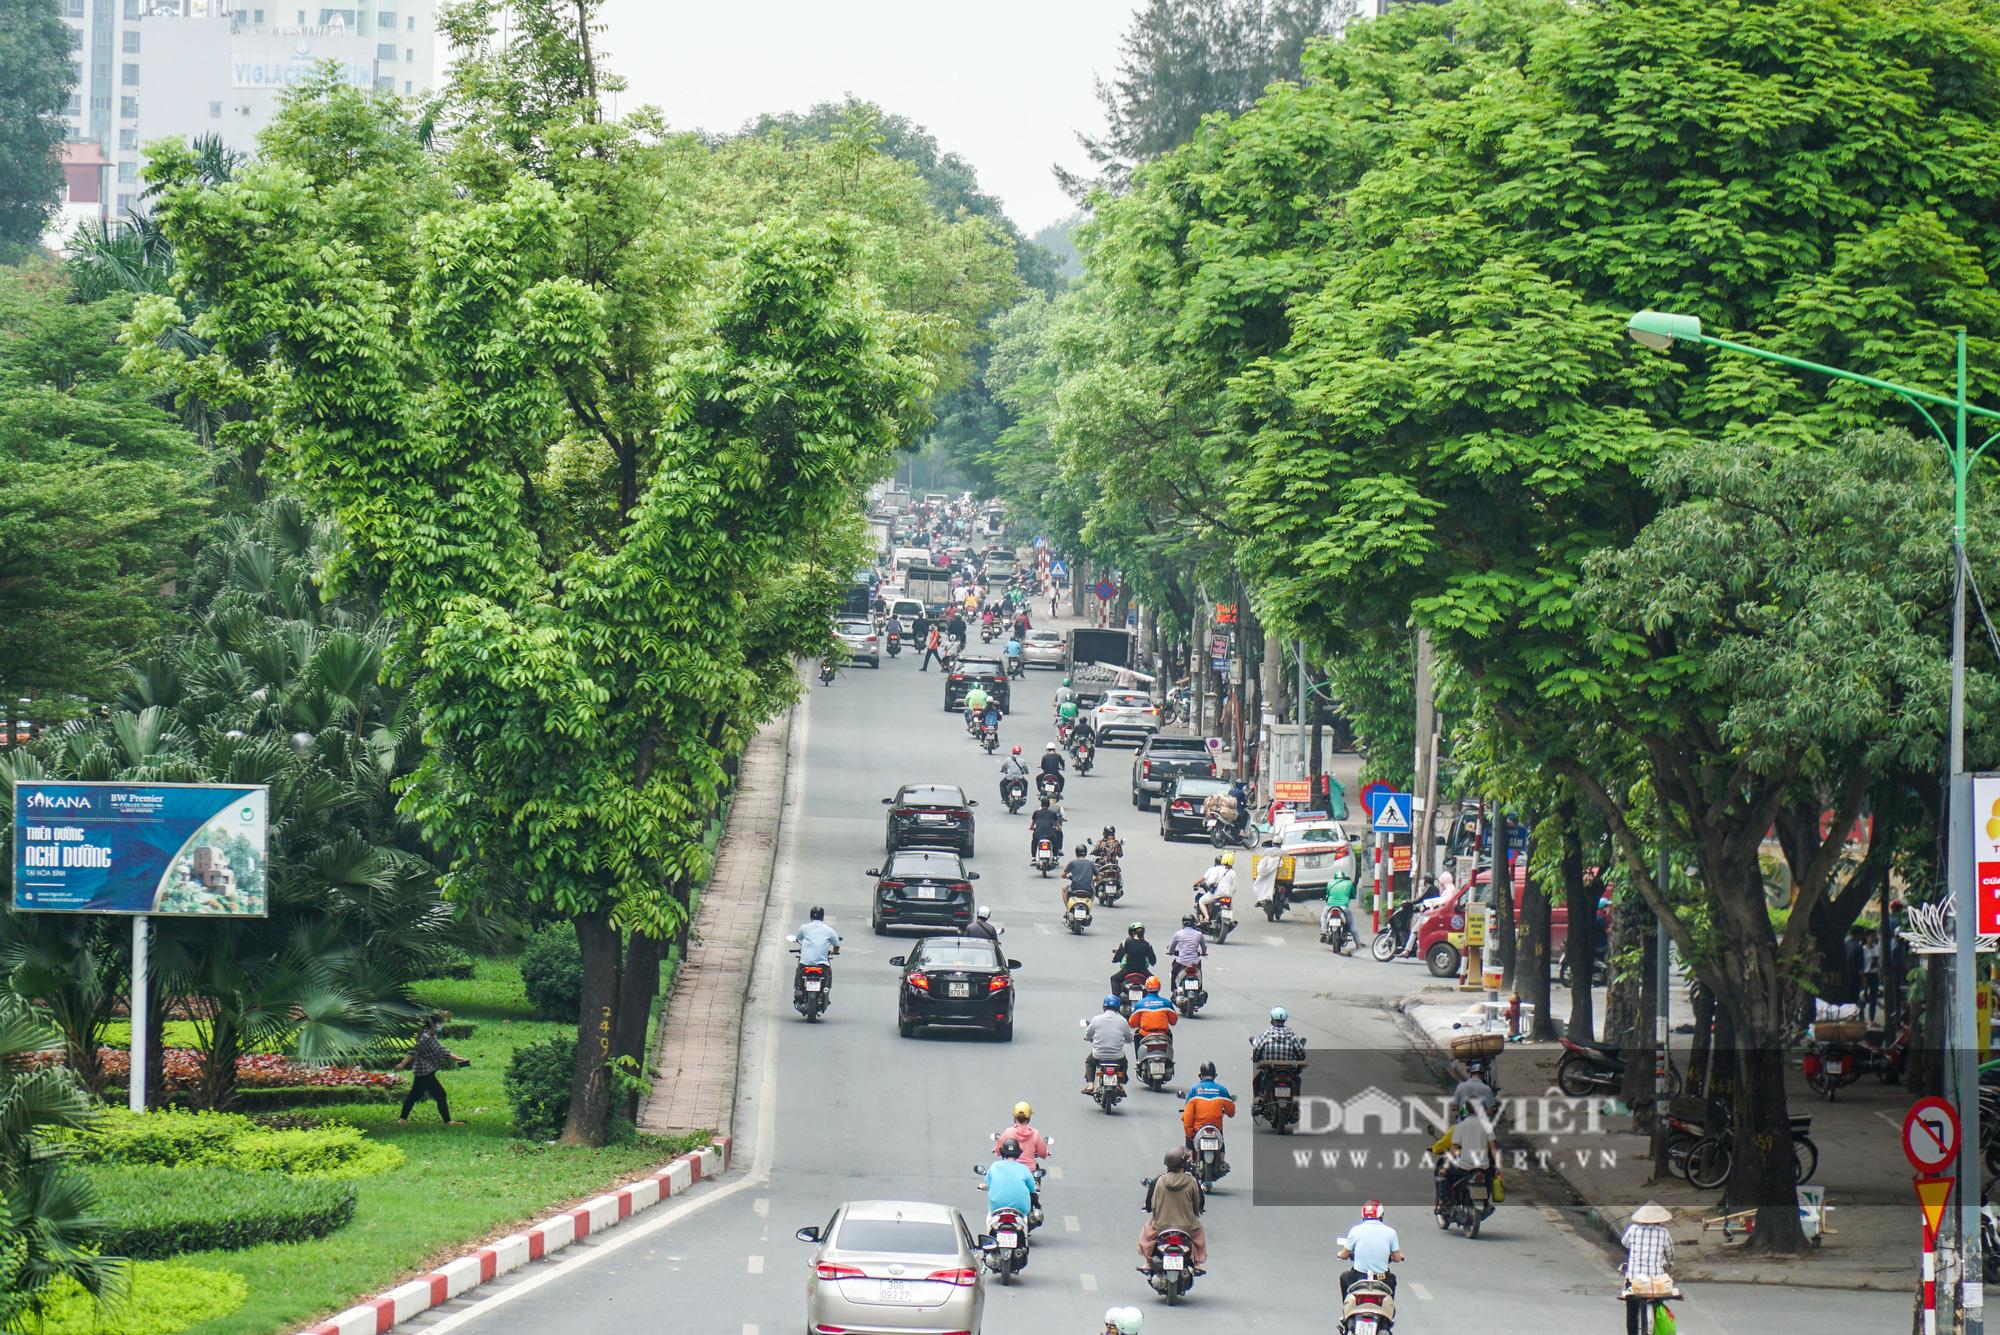 Điểm mặt những tuyến đường nhiều tầng cây xanh ở Hà Nội - Ảnh 8.